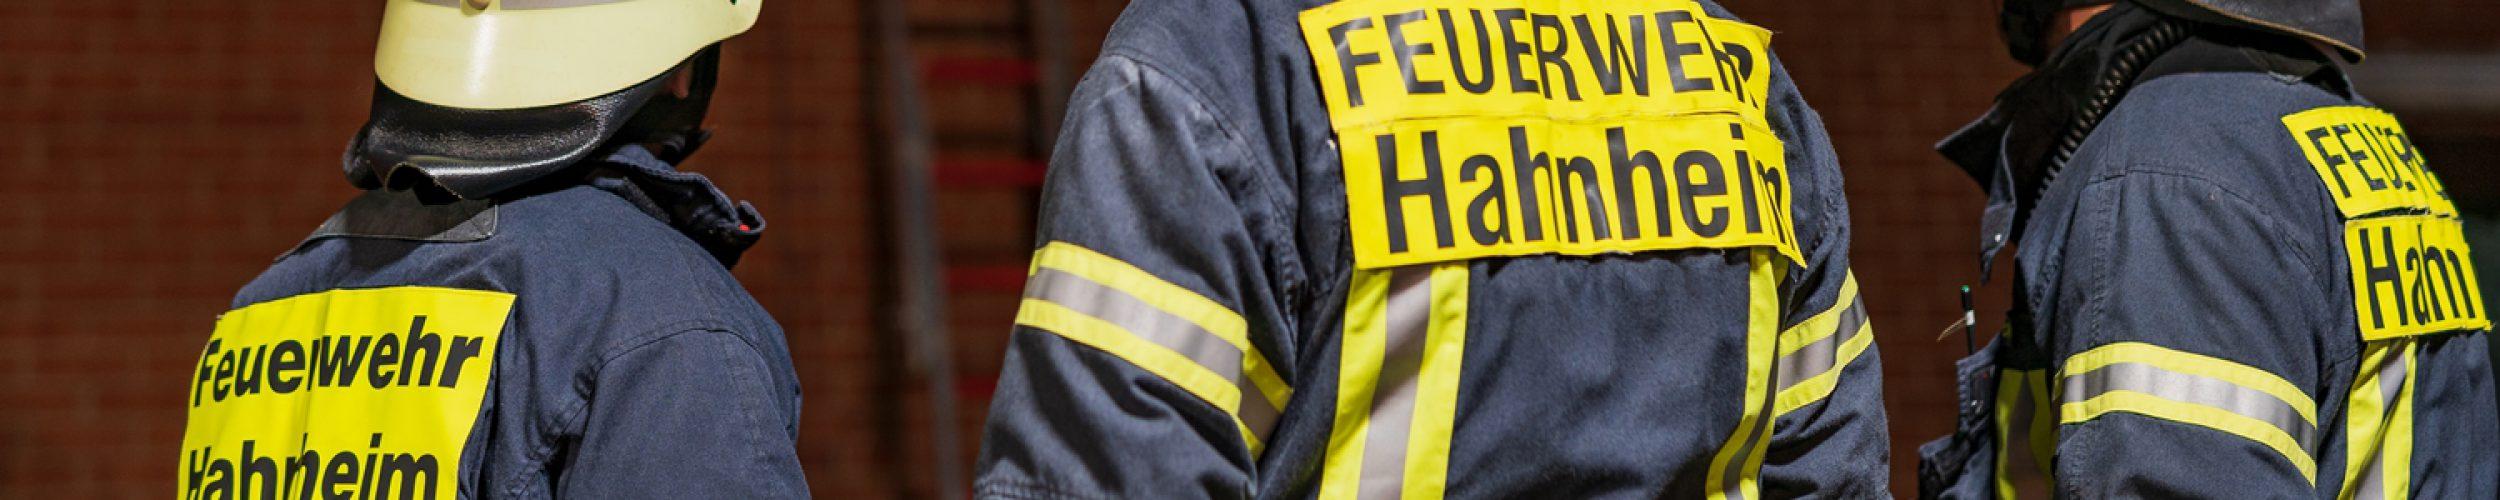 FFW Hahnheim